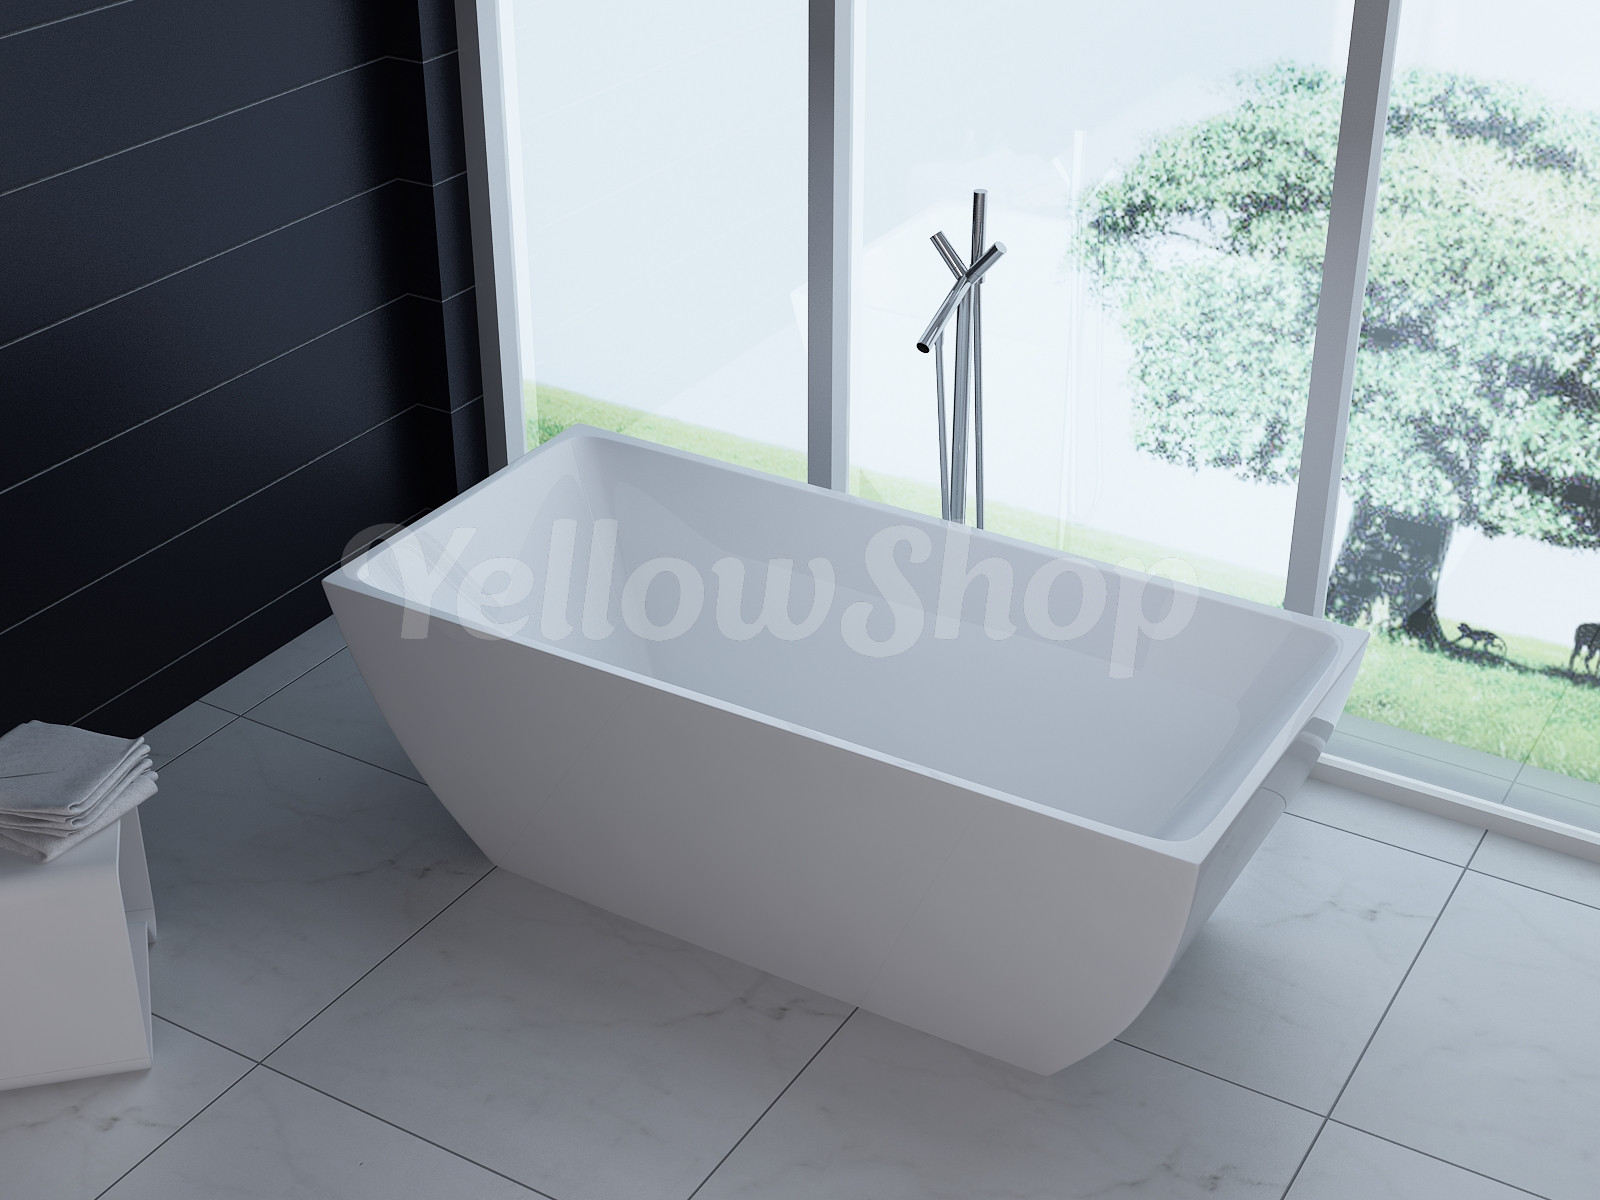 Vasca Da Bagno Rotta : Vasca da bagno rettangolare unika freestanding moderna vasche design